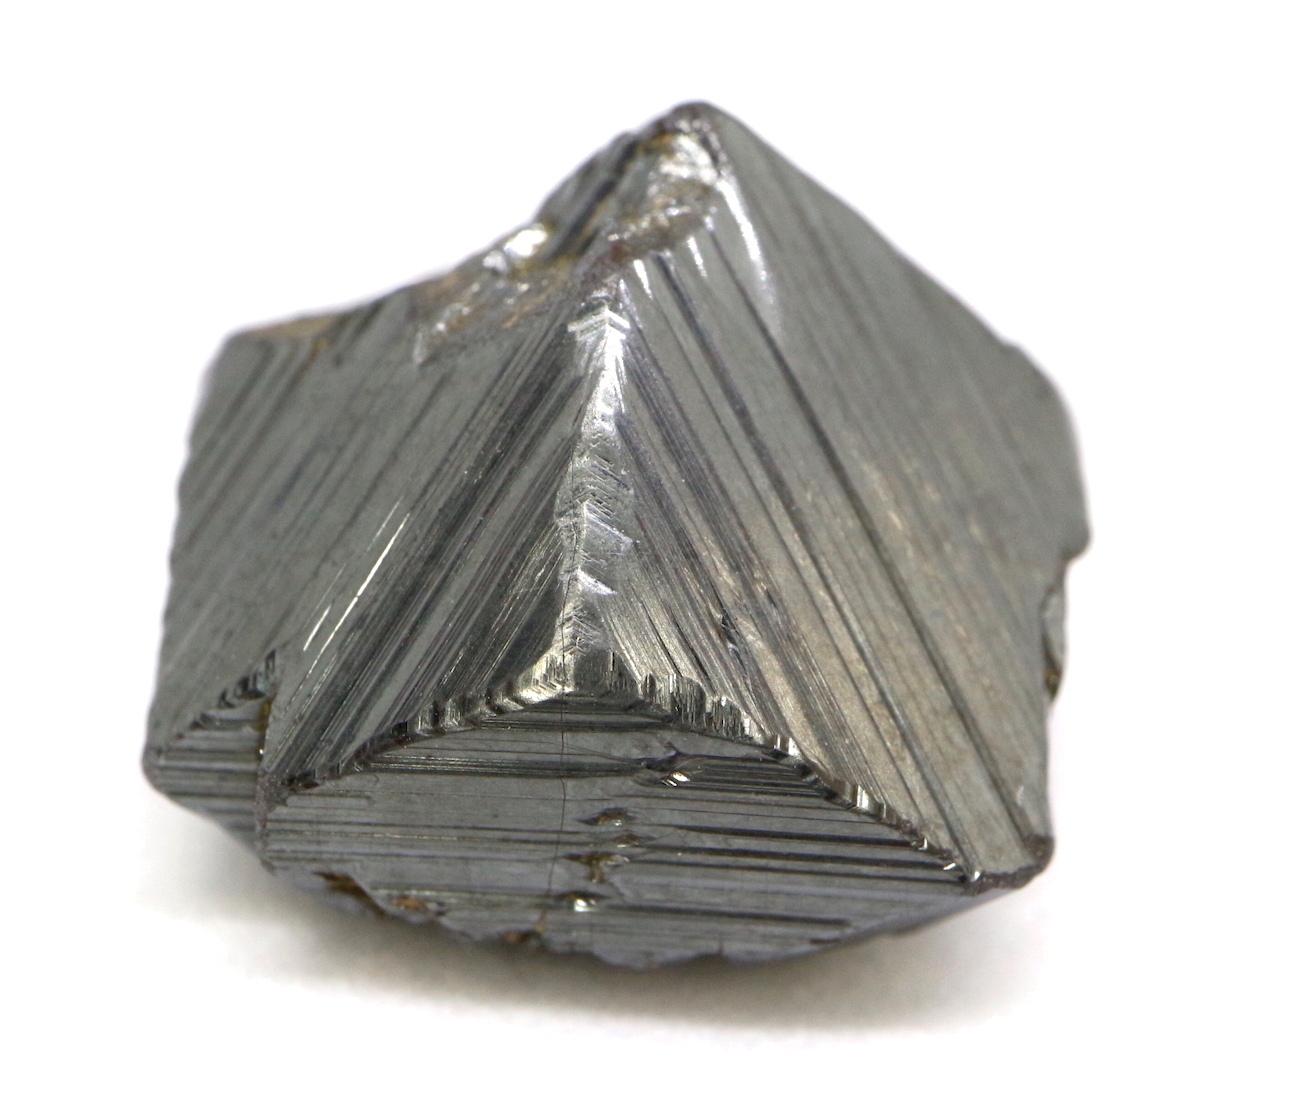 マグネタイト クリスタル 磁鉄鉱 ユタ州産 11g MGT002